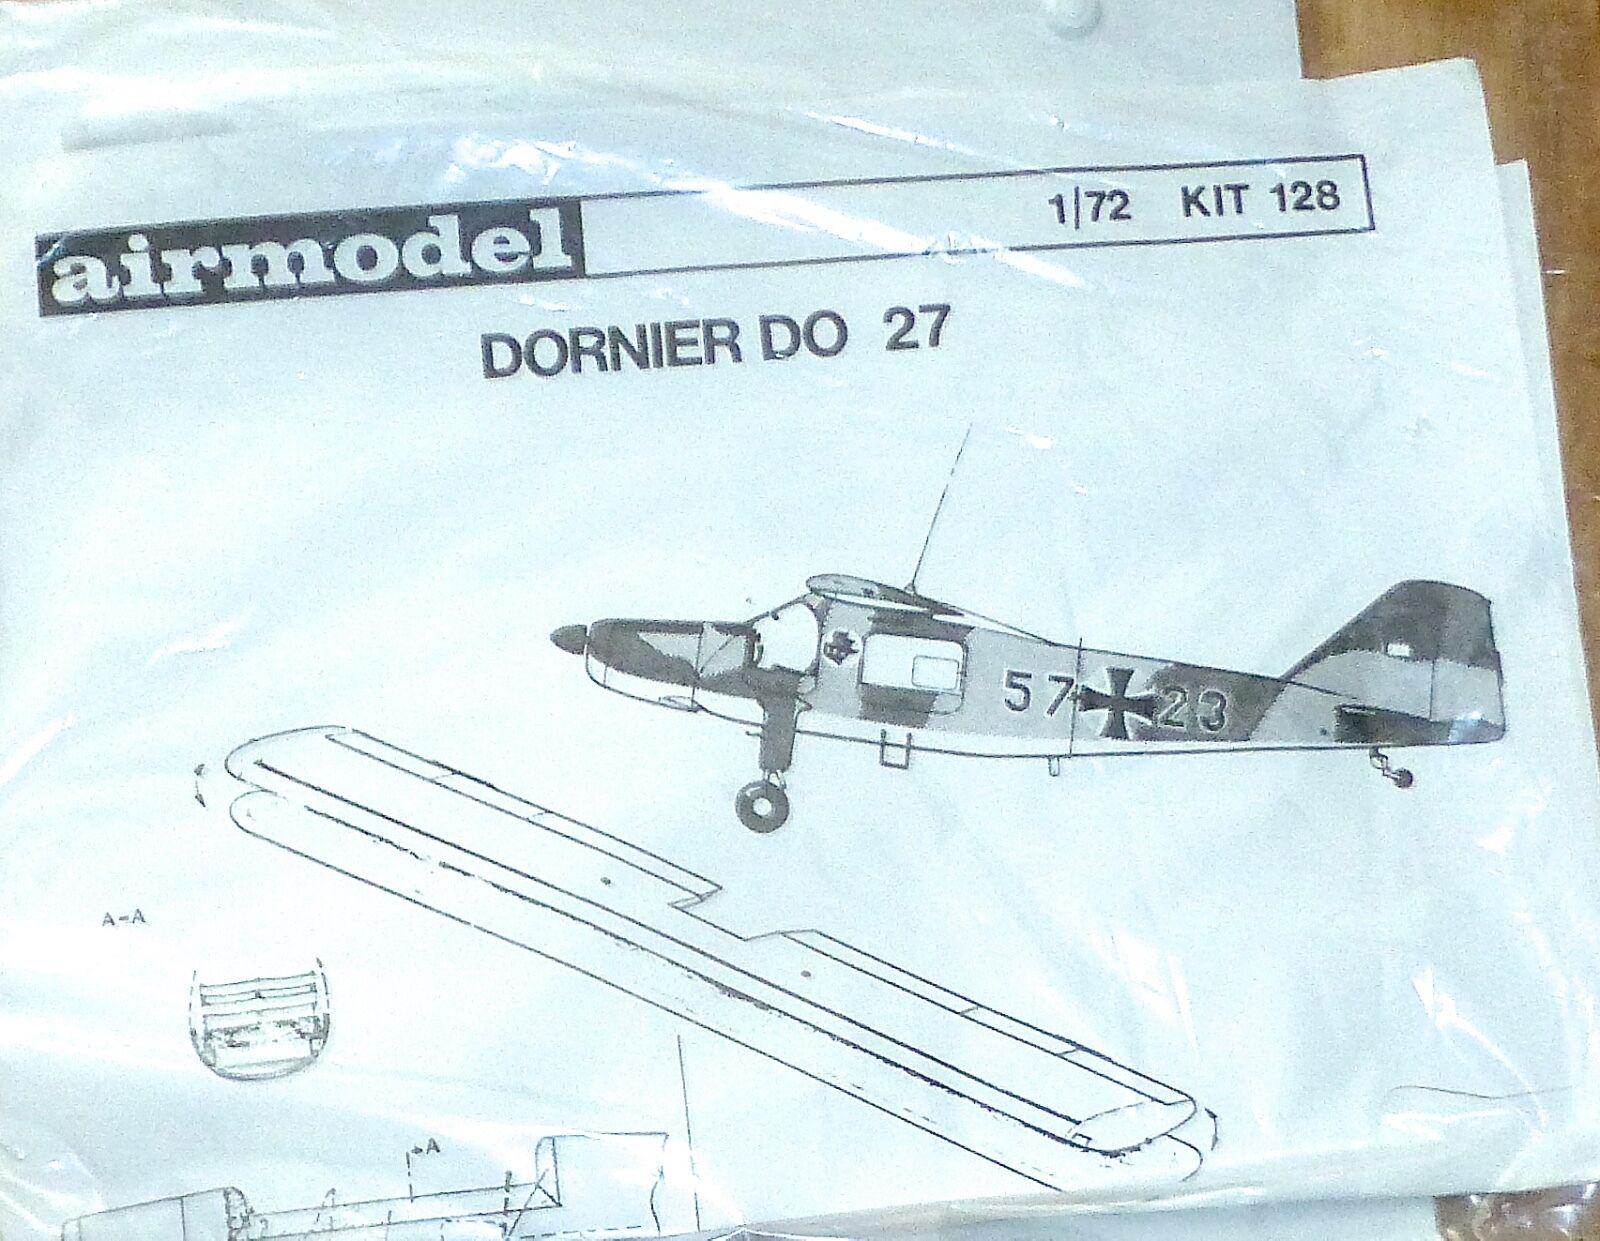 Dornier Do 27 Airmodell 1 72 Avion Kit 128 Kit de Montage Jamais-Assemblé Å